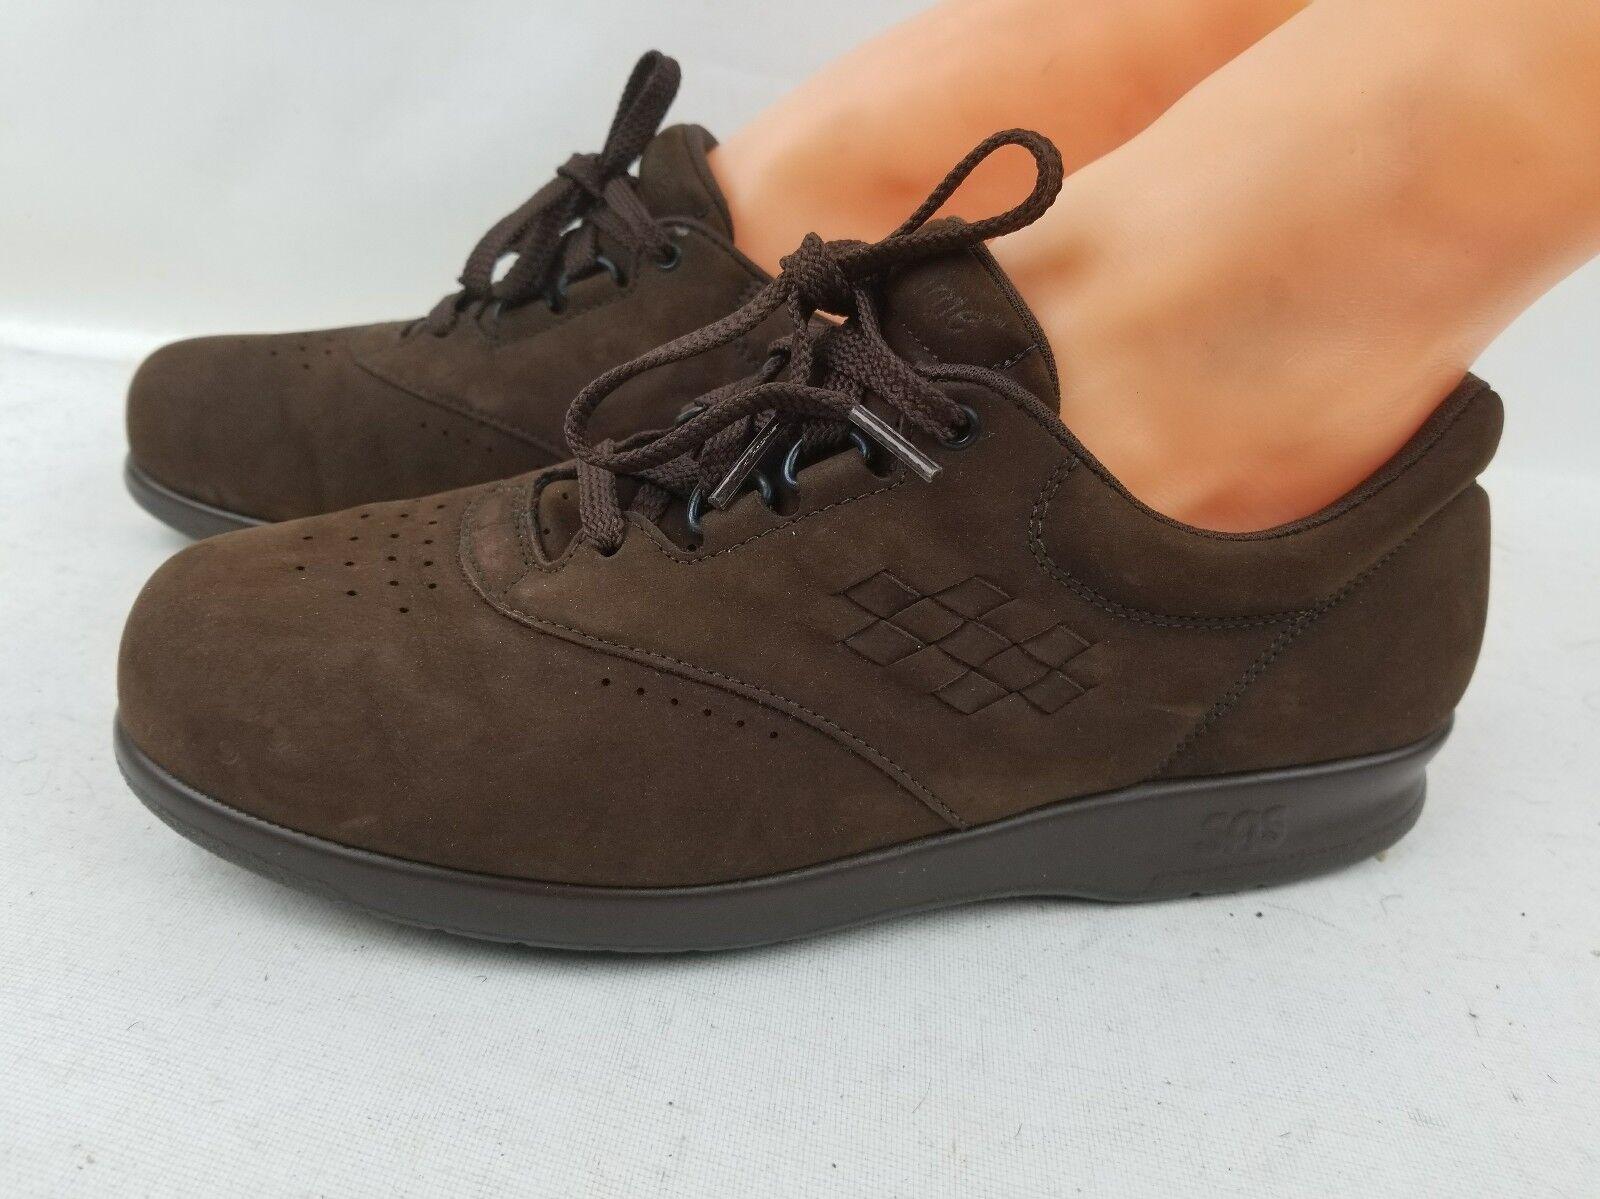 Servicio Aéreo Especial Para Mujer comodidad Tripad Tiempo Libre Libre Libre Marrón Nobuck Cuero Zapatos para Caminar Talla 8 S  ventas en linea